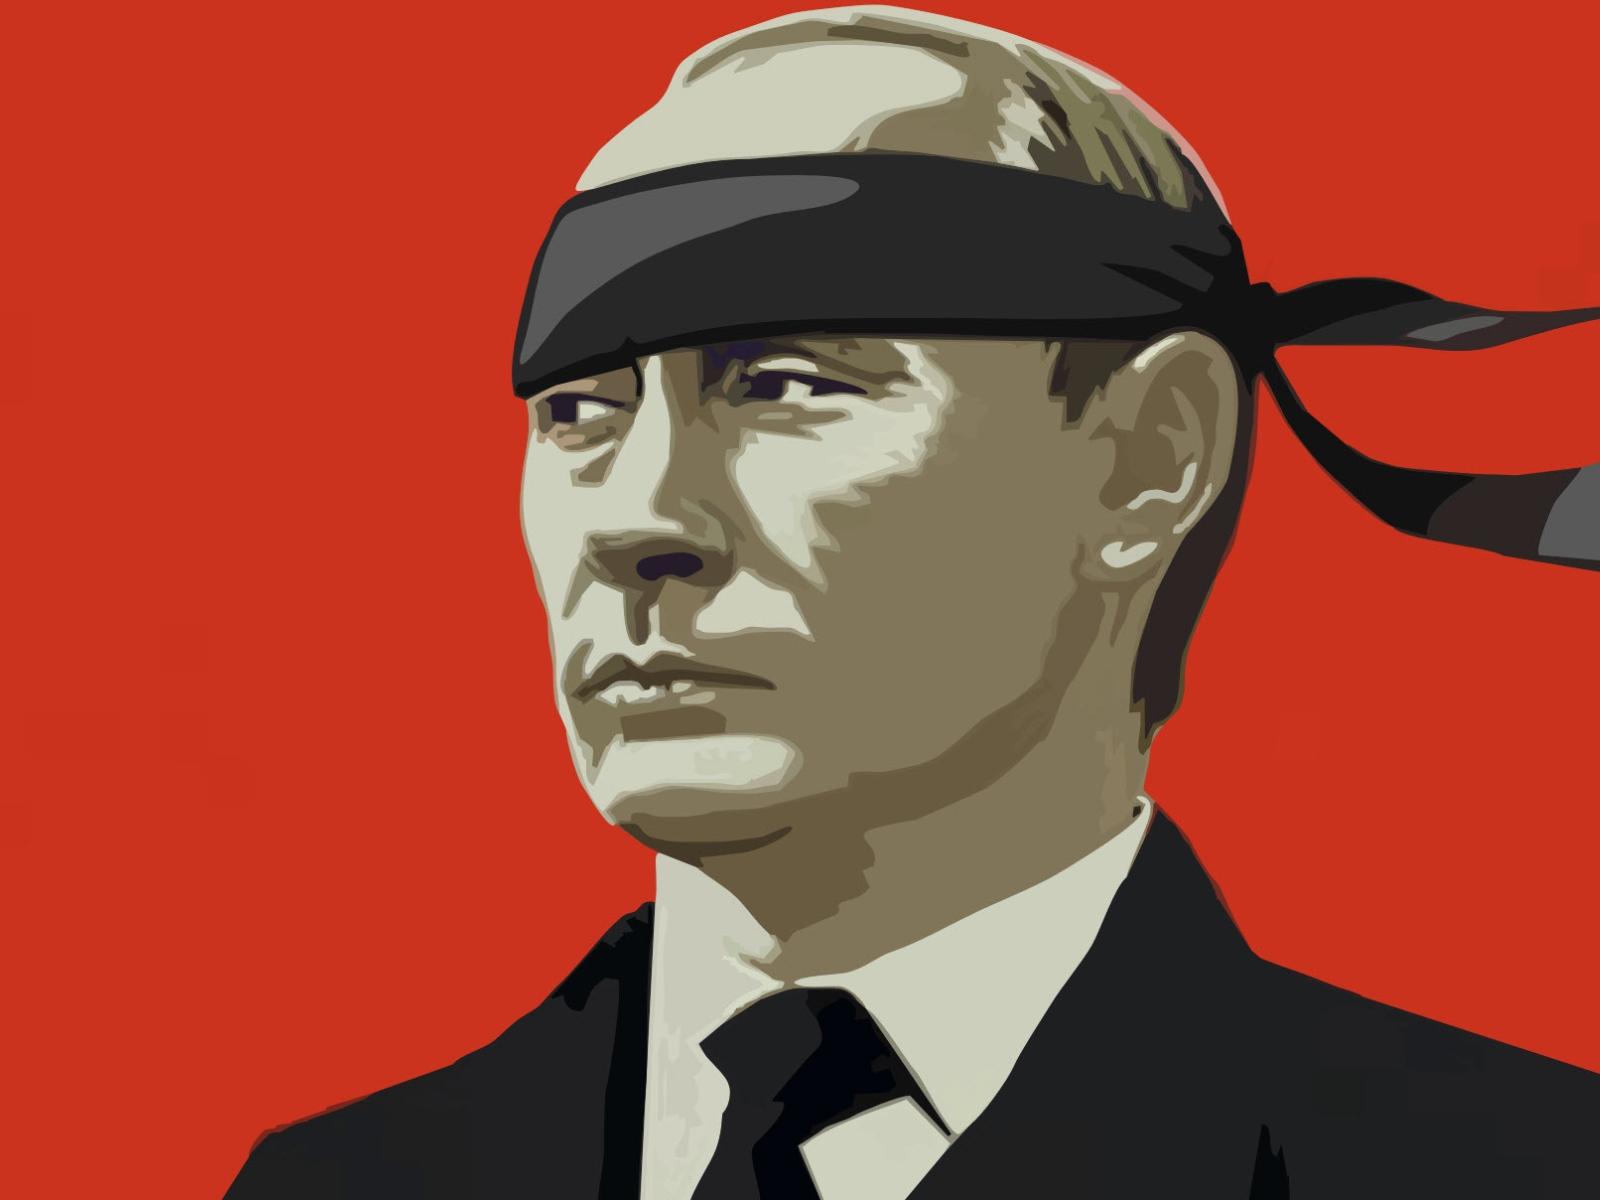 Картинки Владимир Путин Юмор Президент Векторная графика Смешные